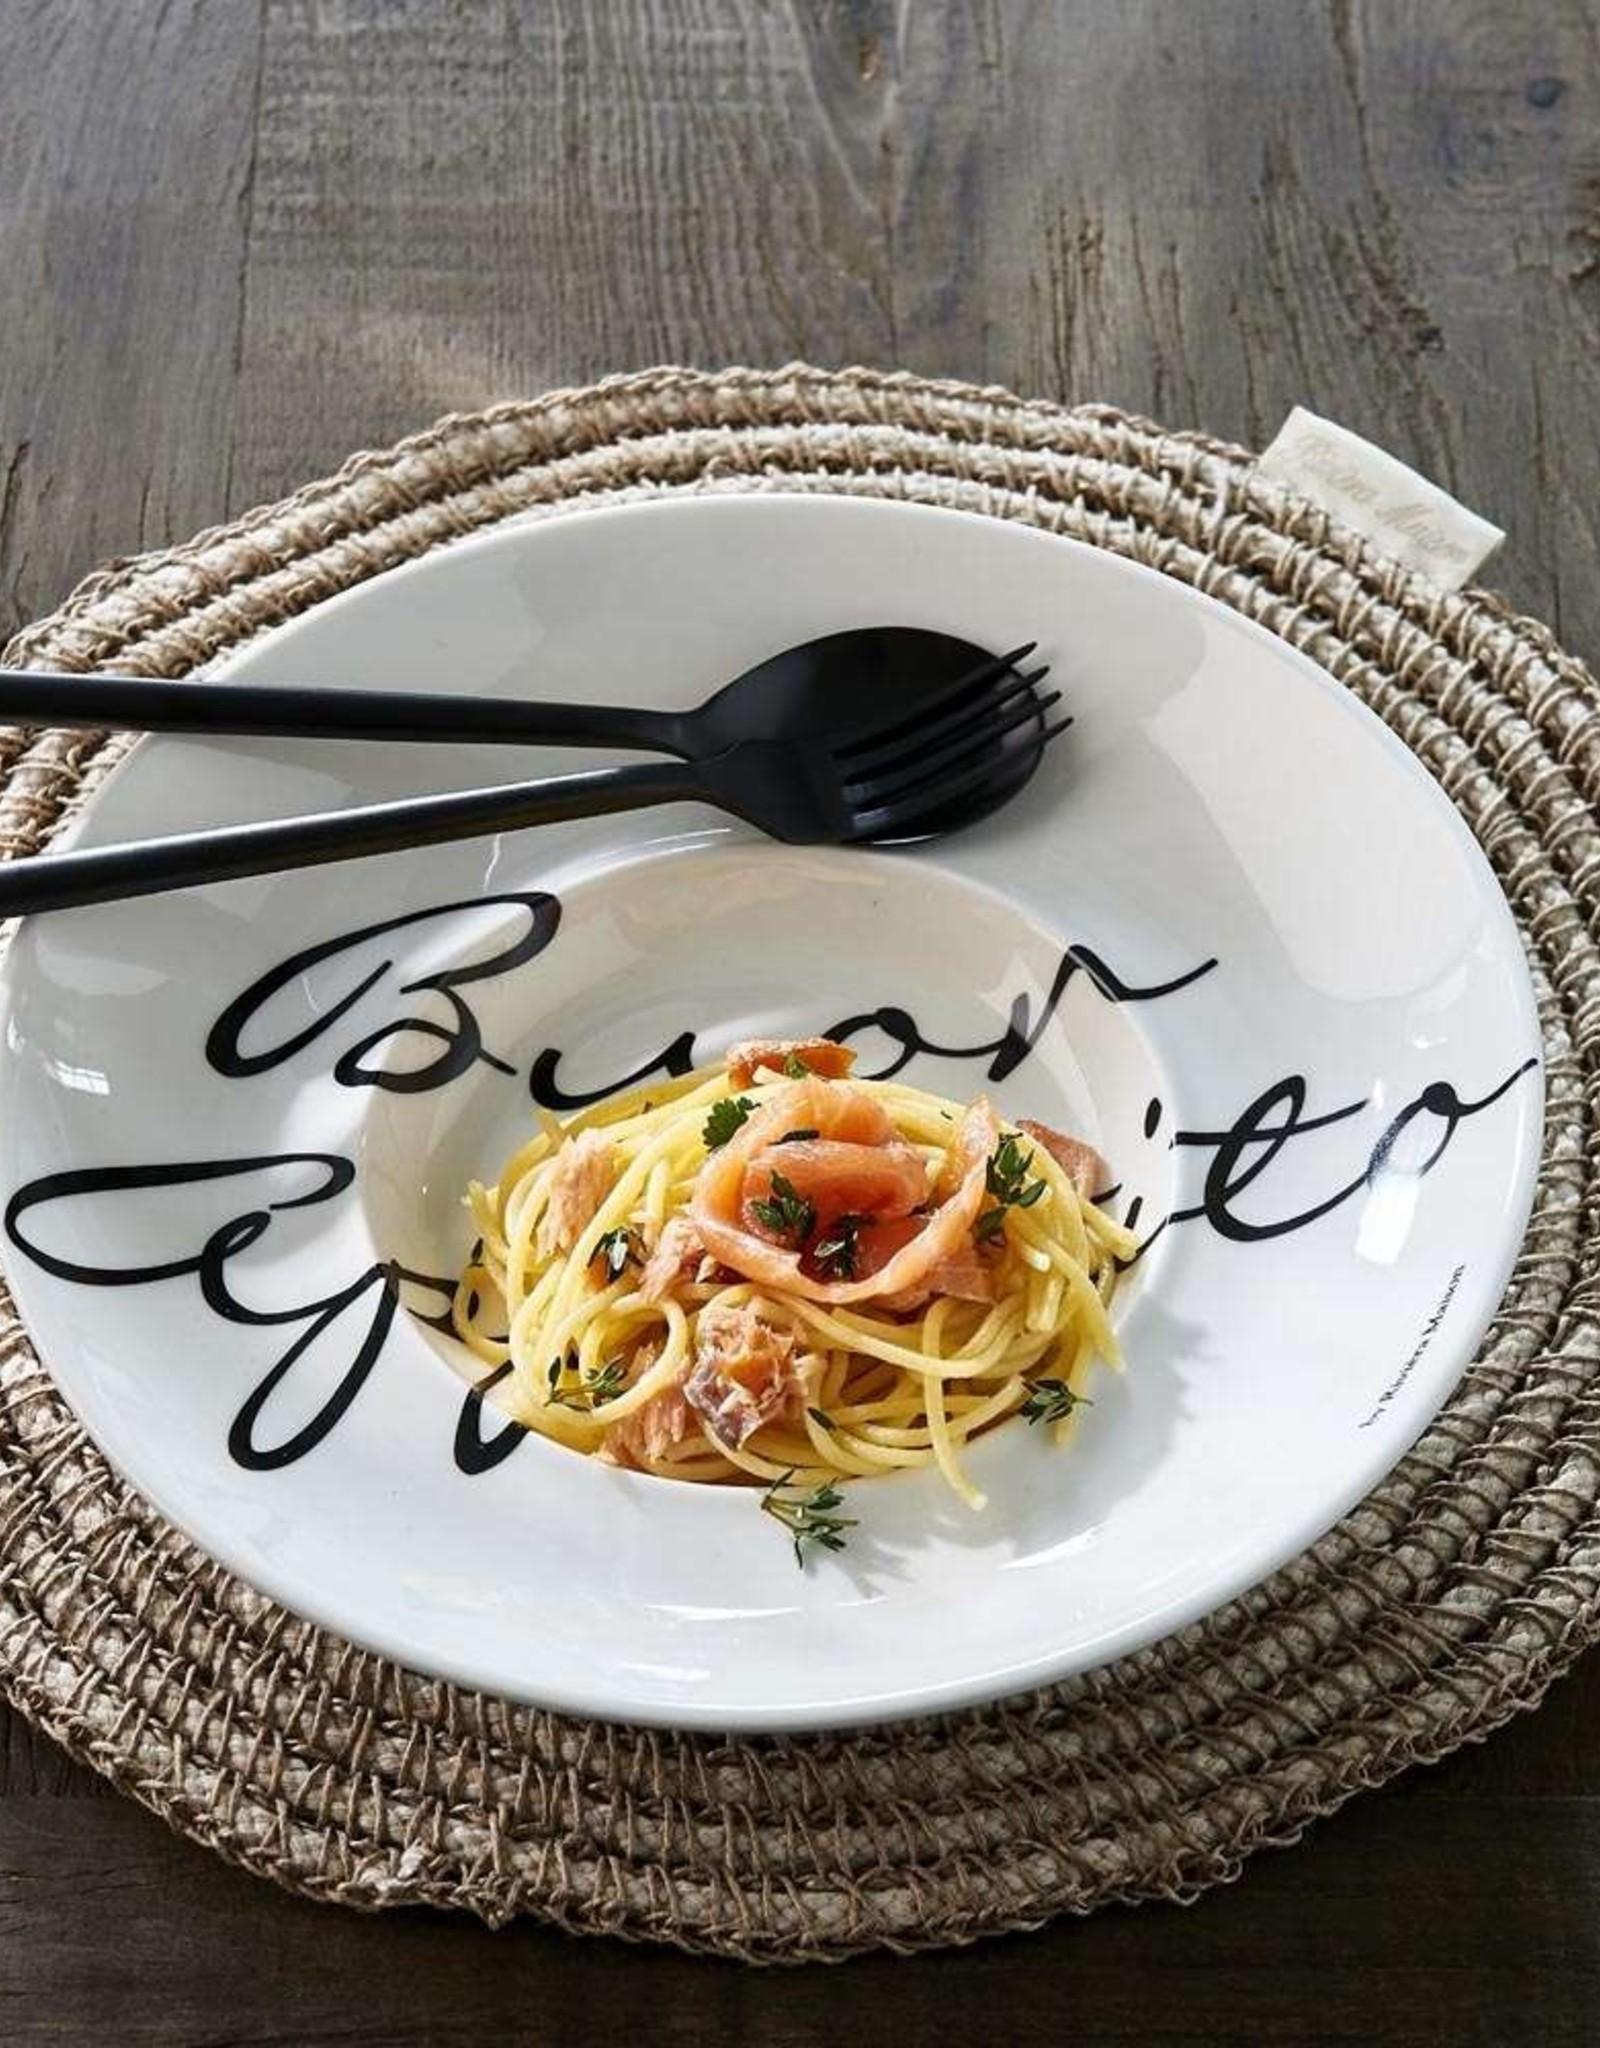 Riviera Maison Buon appetito pasta plate